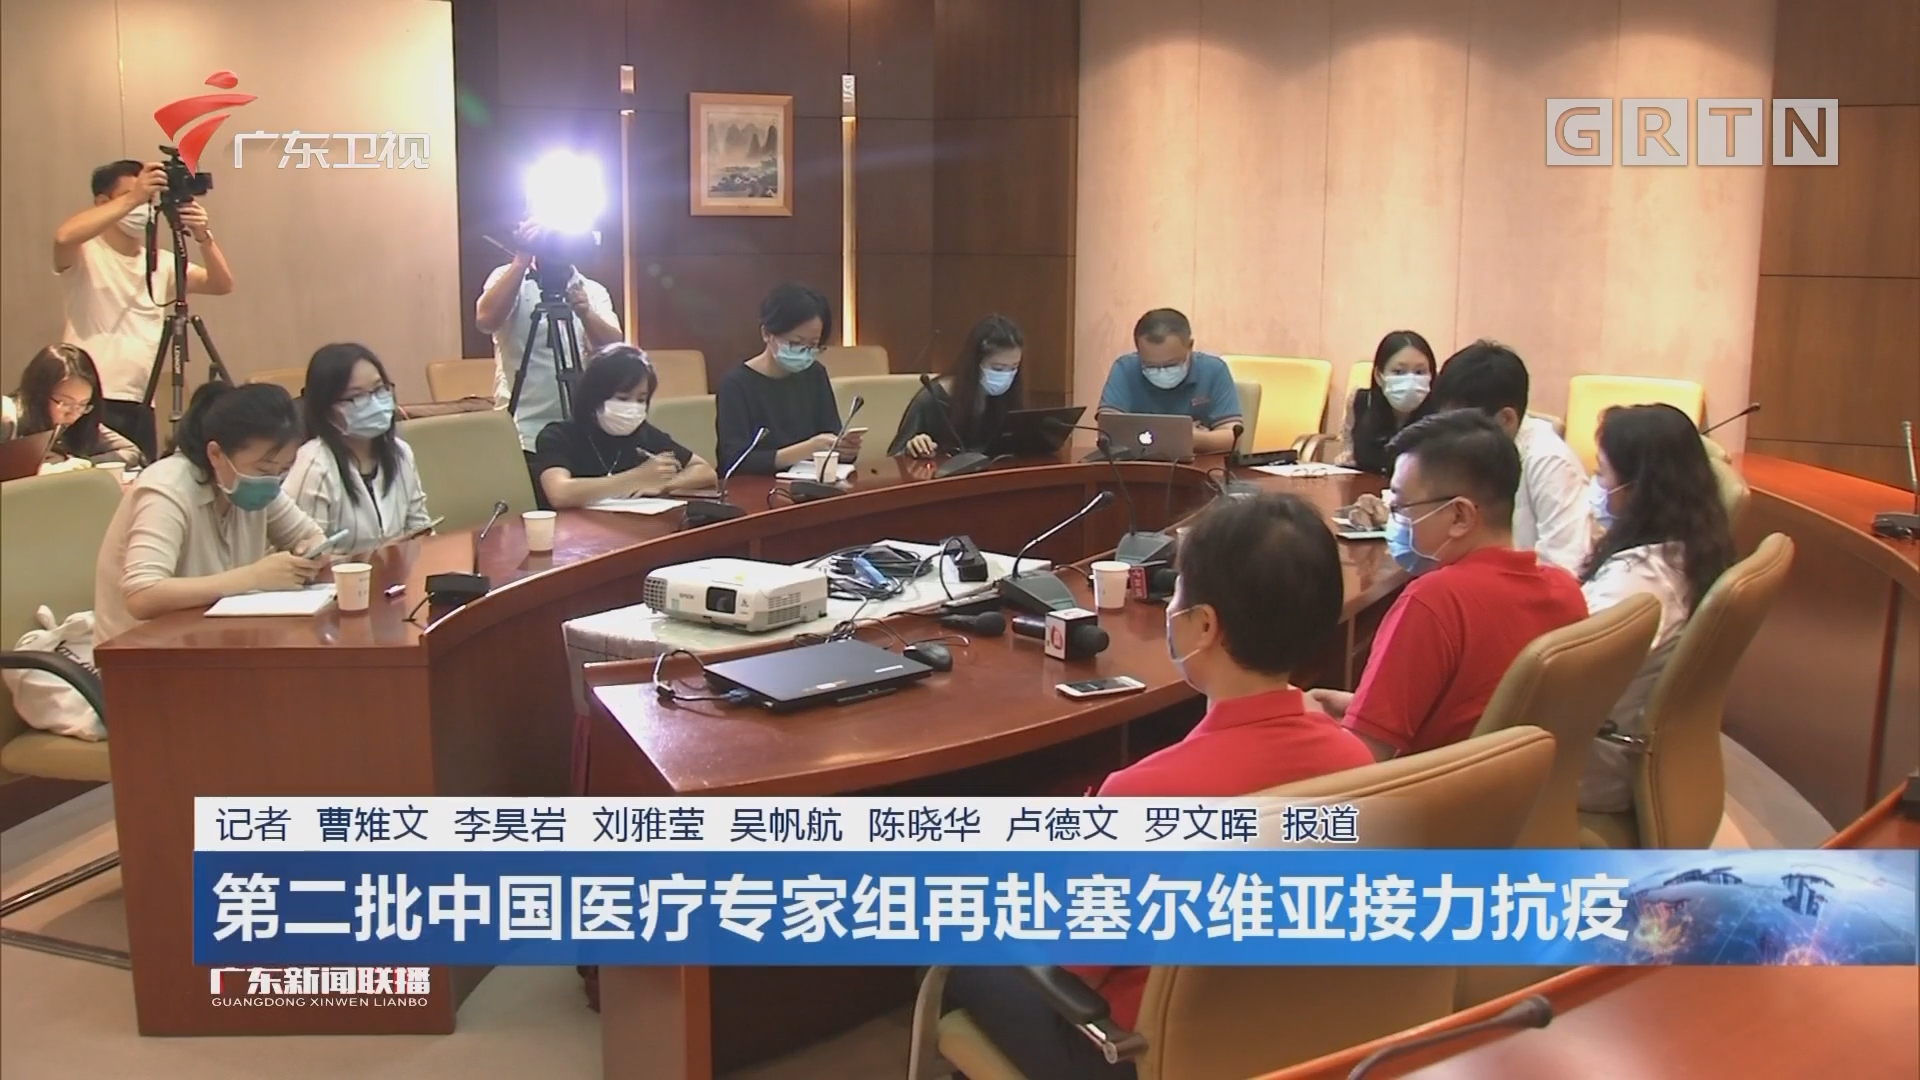 第二批中國醫療專家組再赴塞爾維亞接力抗疫